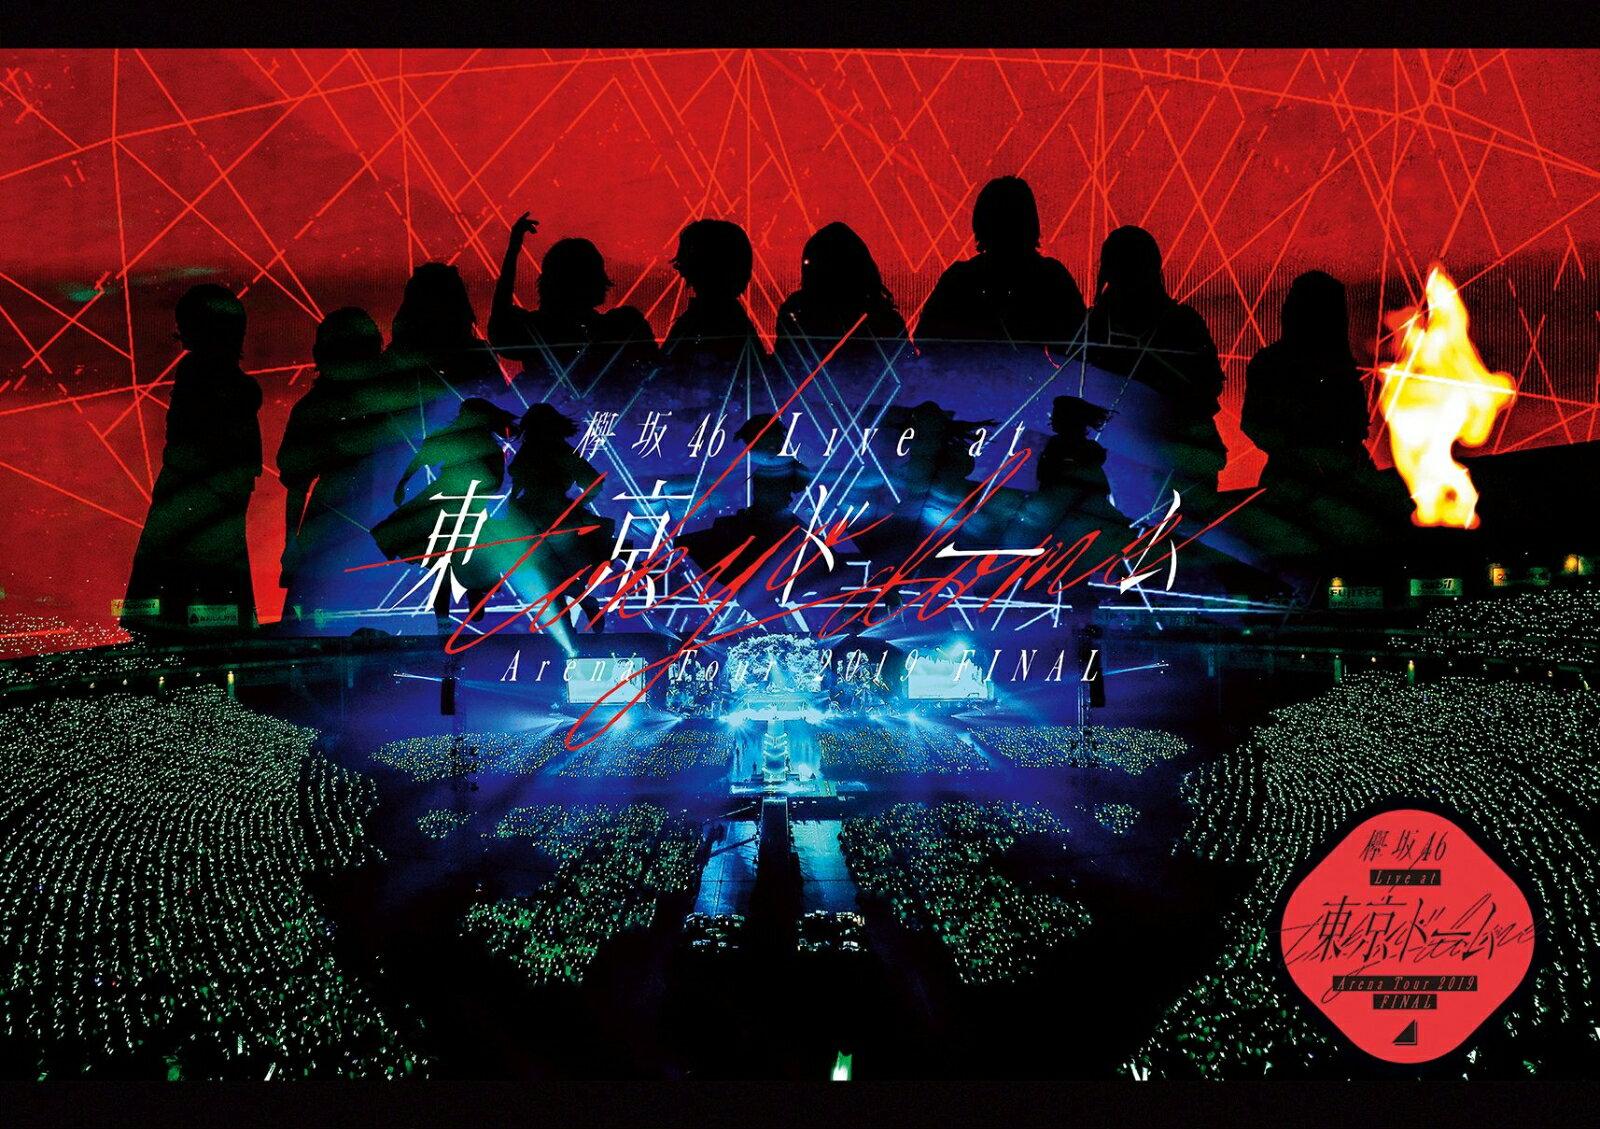 欅坂46 LIVE at 東京ドーム 〜ARENA TOUR 2019 FINAL〜(通常盤)